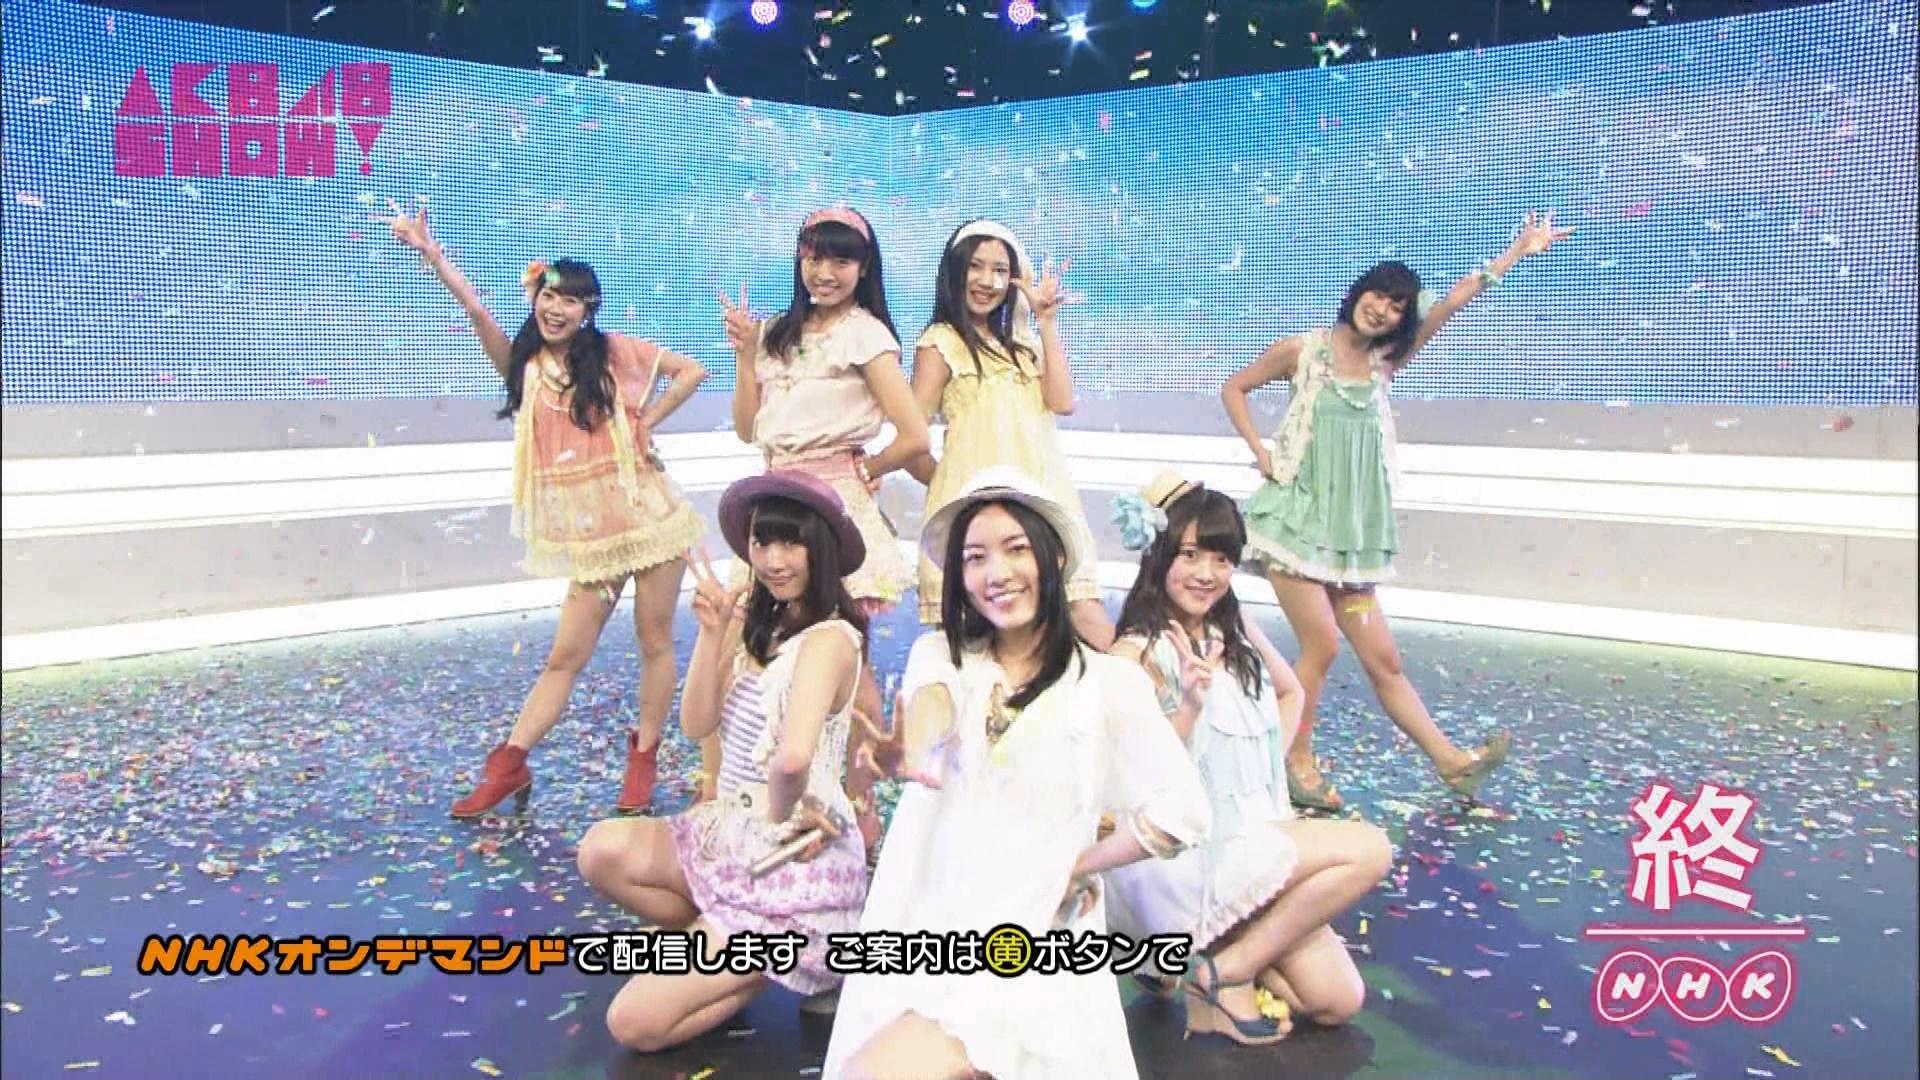 AKB48SHOW ごめんね、SUMMER 松井玲奈 20140830 (19)